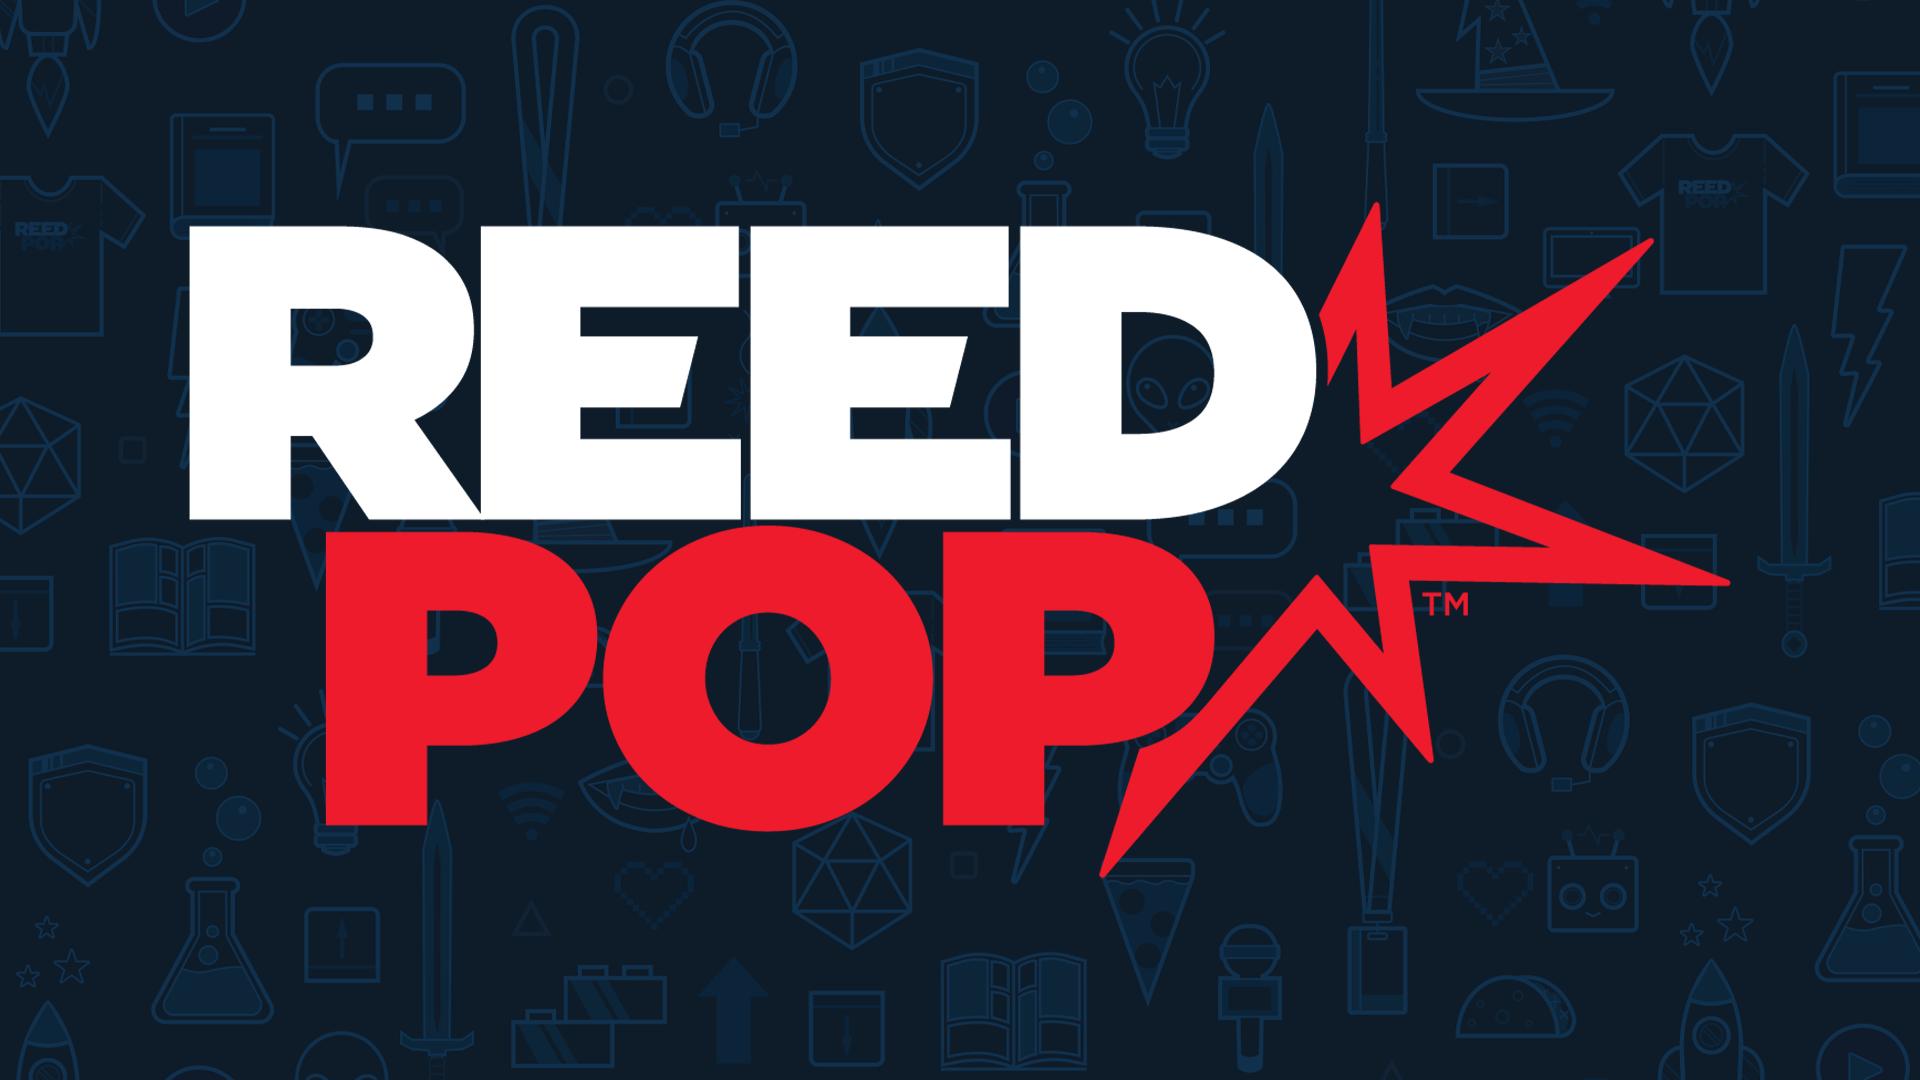 reedpop-logo-texture-bg.png